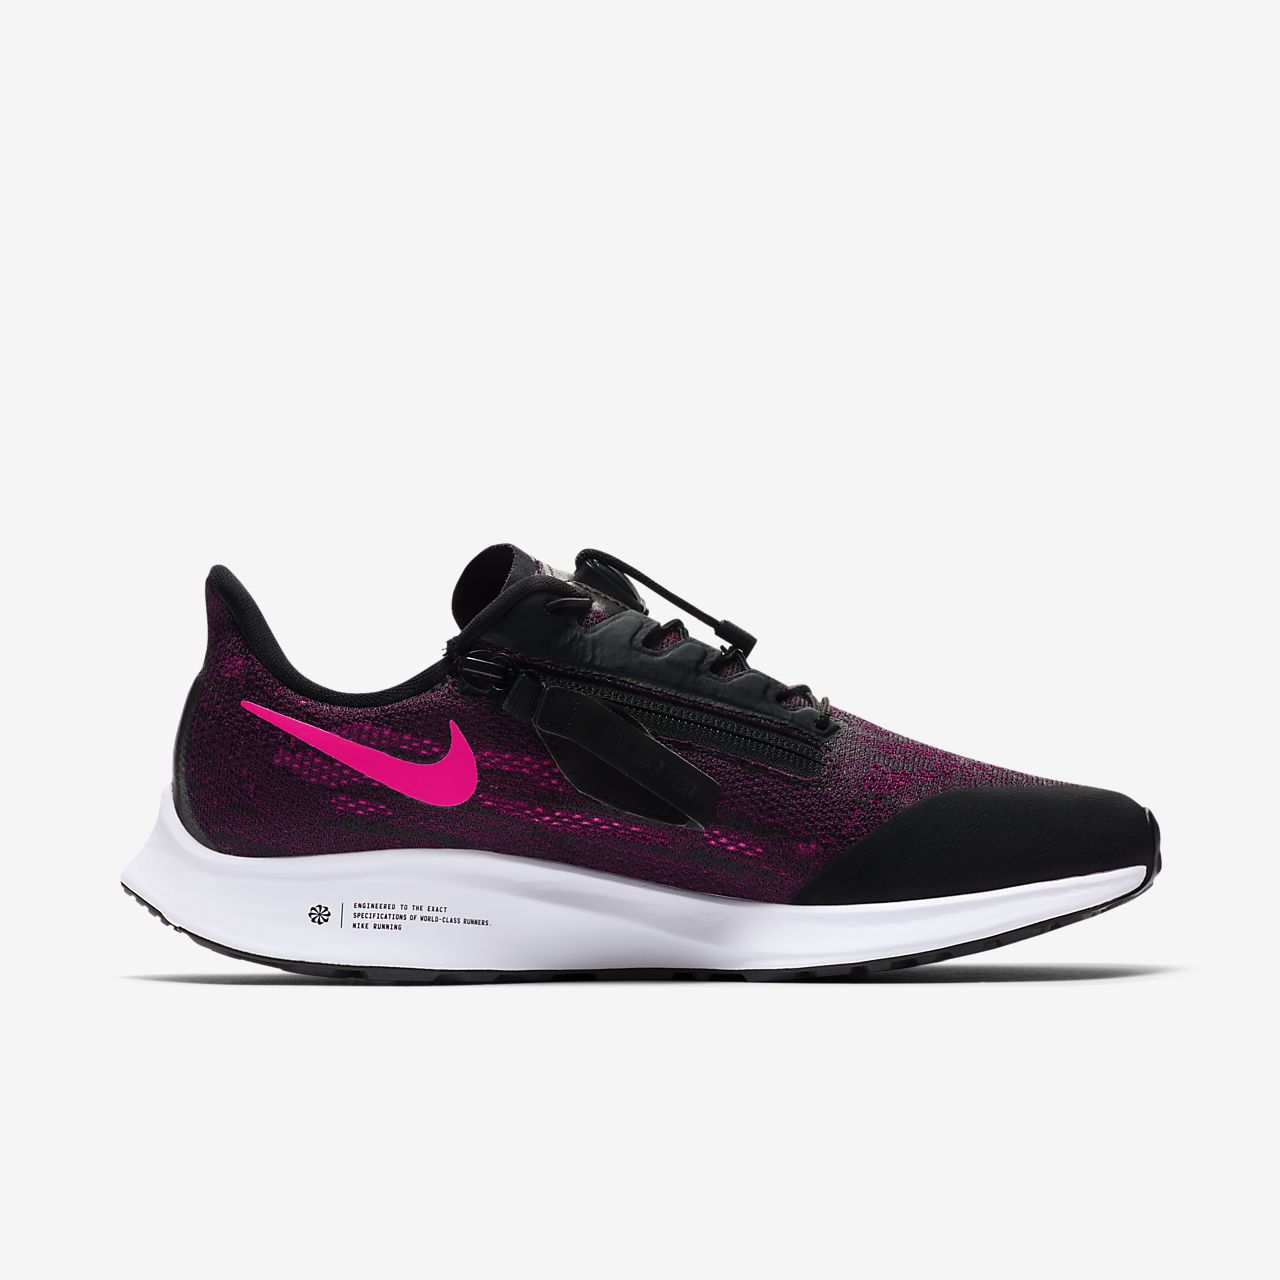 Nike Air Zoom Vomero 14 Running Shoe | Nordstrom Anniversary